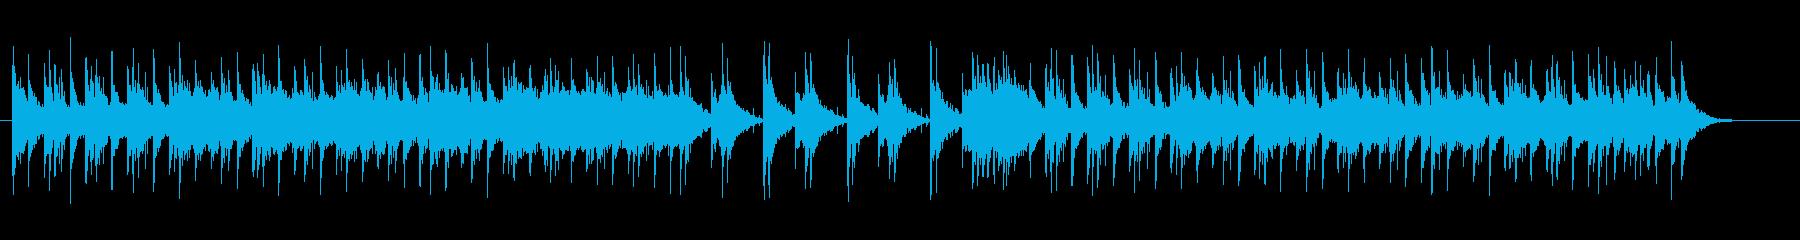 【サムライバトル】和楽器の再生済みの波形